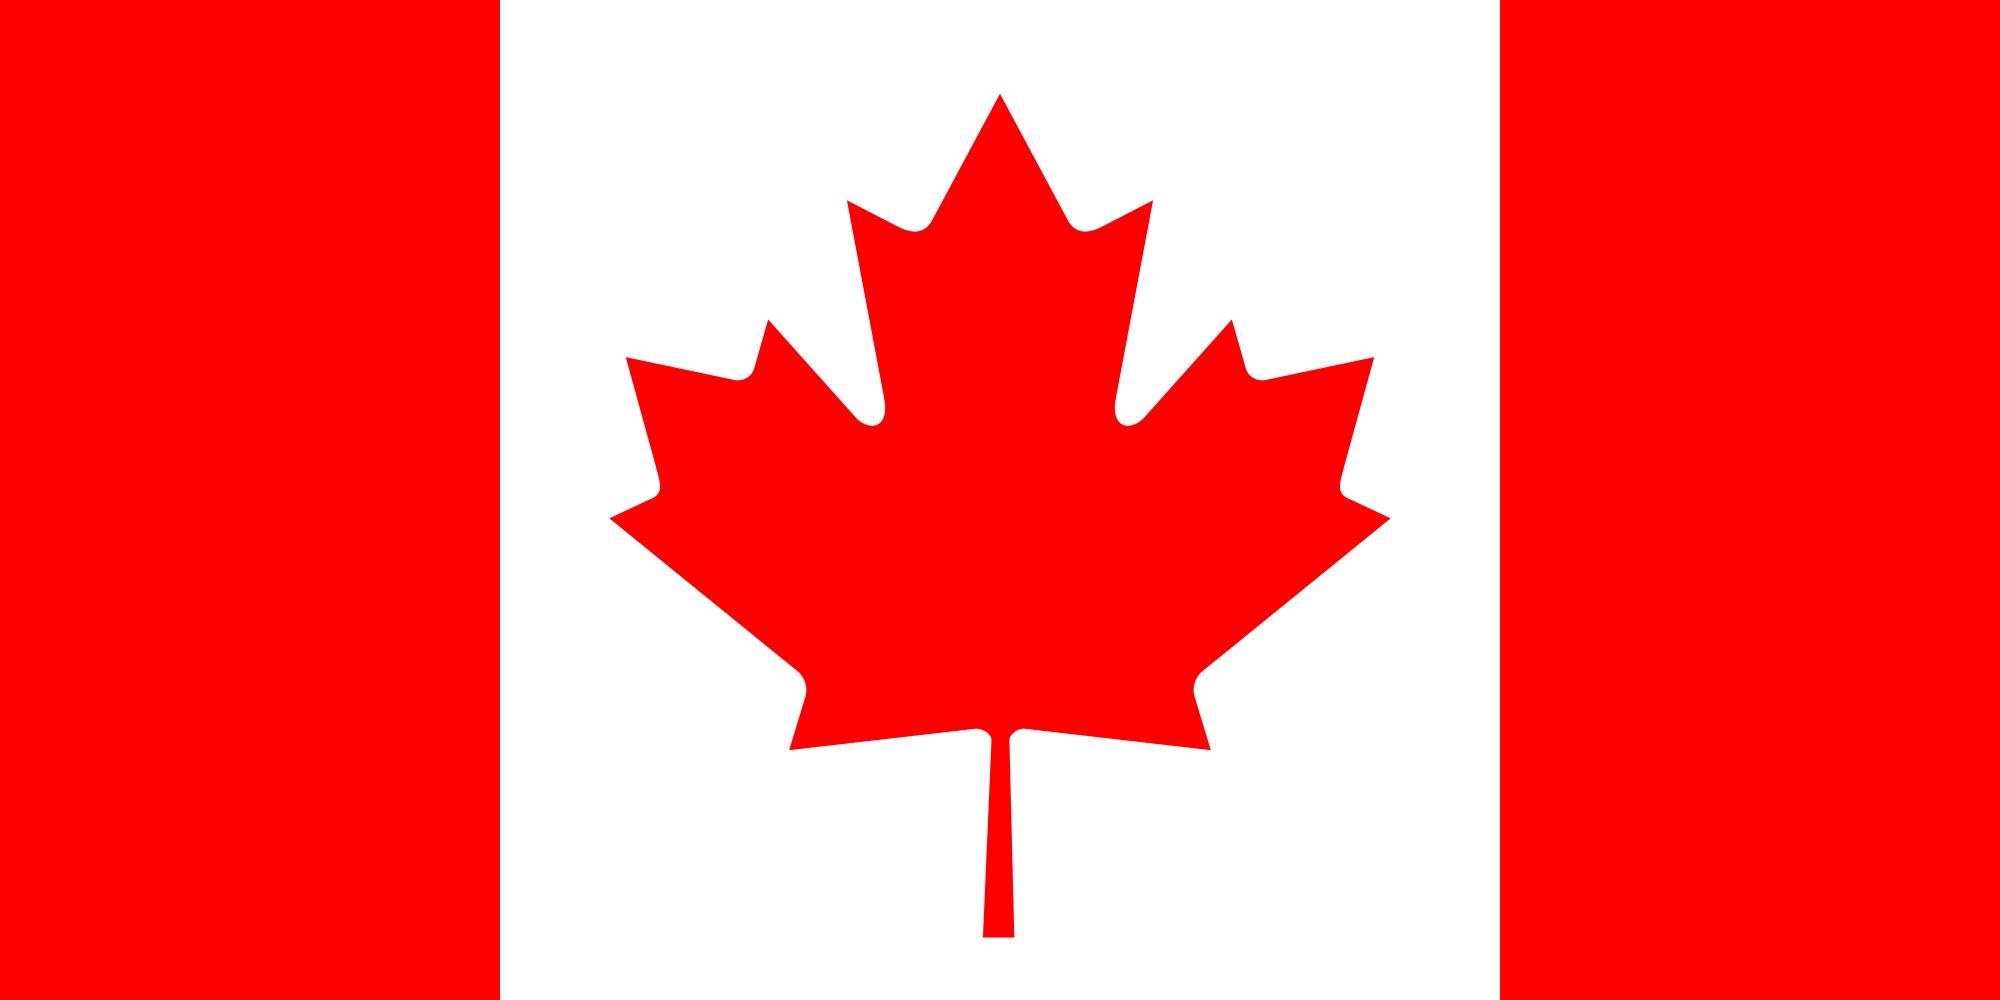 02_Wikimedia_Latitudes_Flag_of_Canada